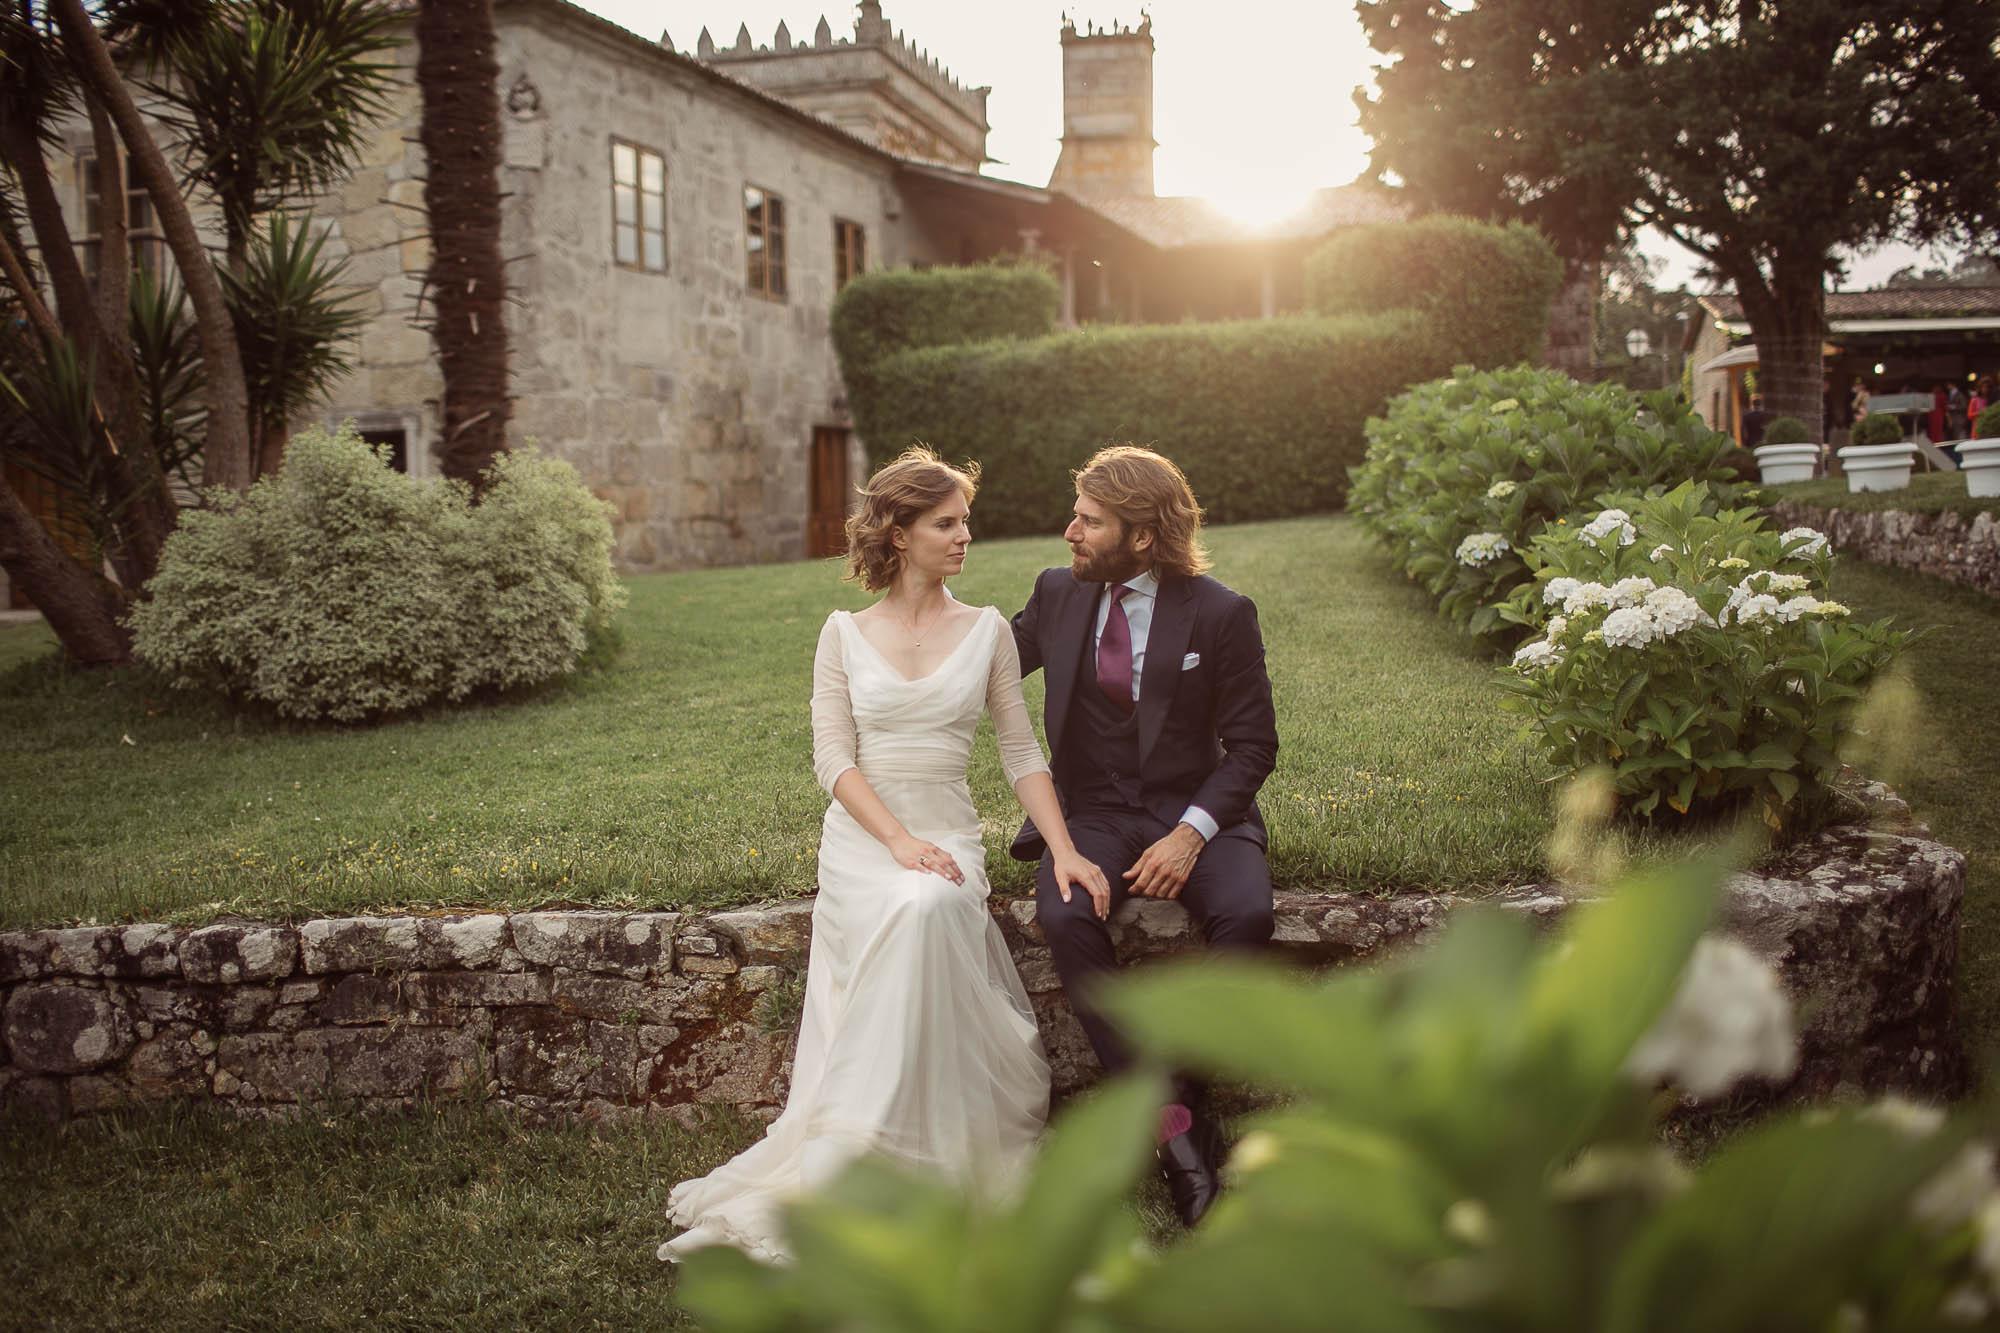 Marido y mujer sentados mirándose a la cara sonriendo